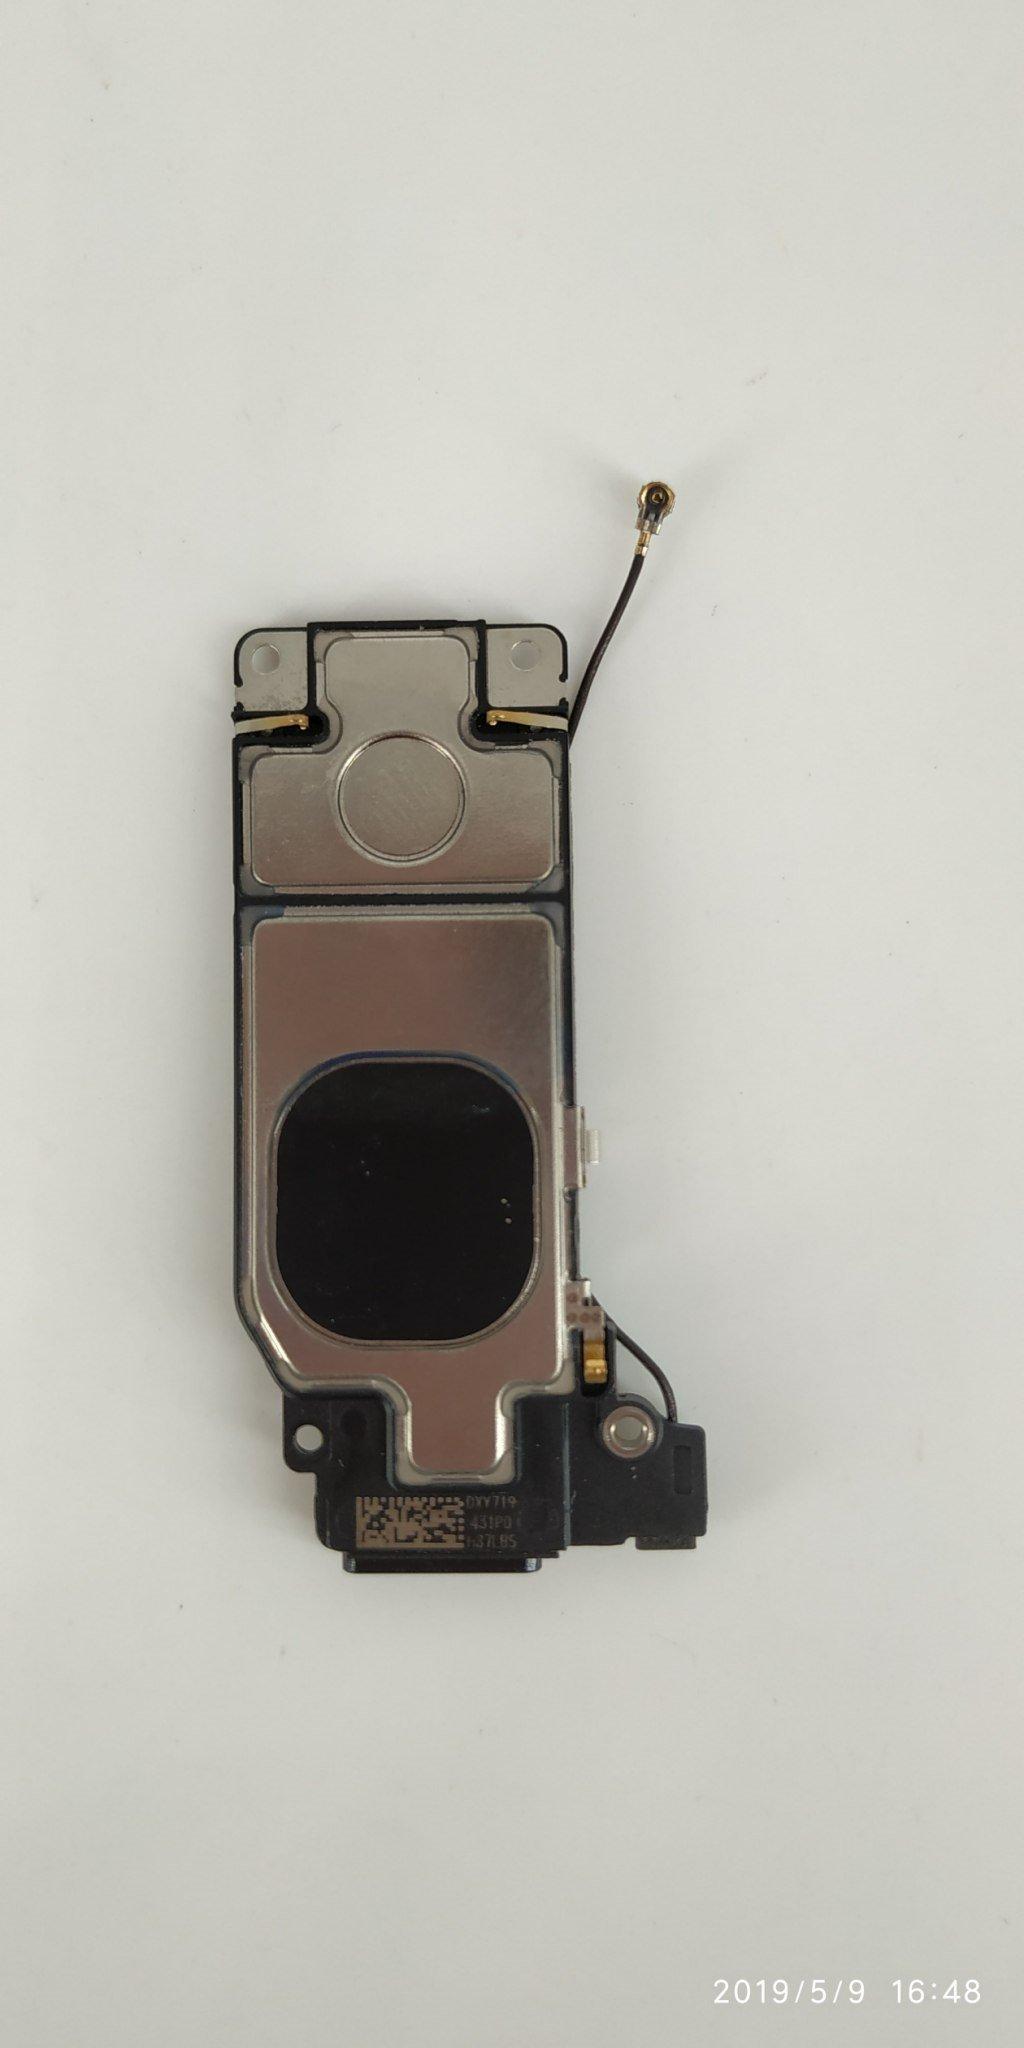 【保固一年】Apple iPhone 7P i7P PLUS 喇叭 擴音 底座喇叭 內置喇叭 揚聲器 無聲音 破音原廠規格